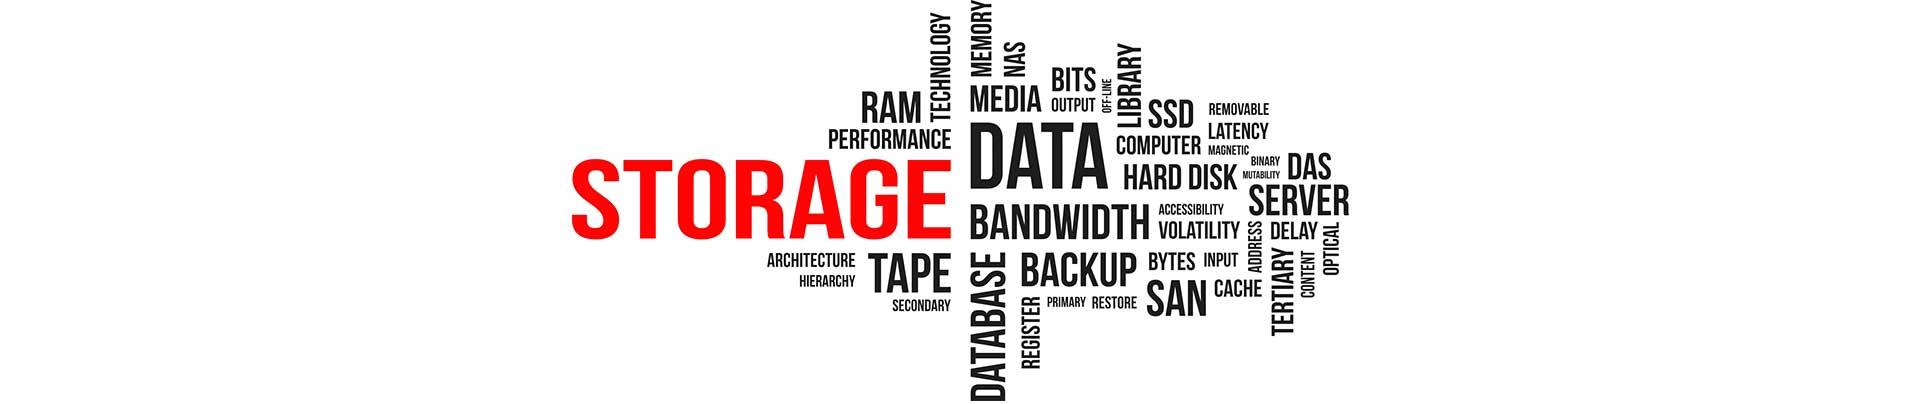 Proteja os dados valiosos da sua empresa!